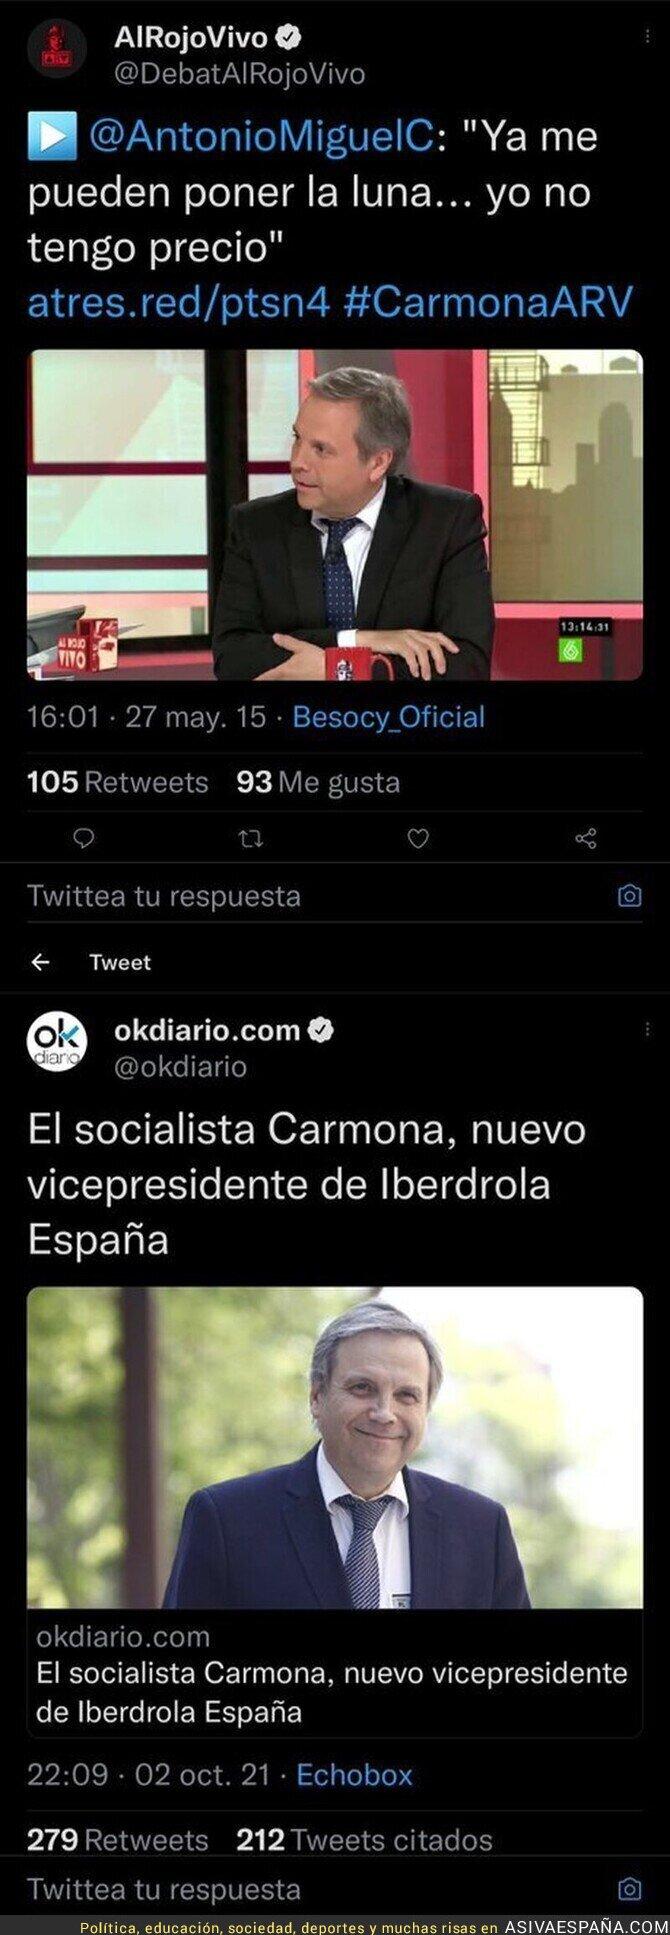 924519 - Antonio Miguel Carmona no puede tener la cara más dura